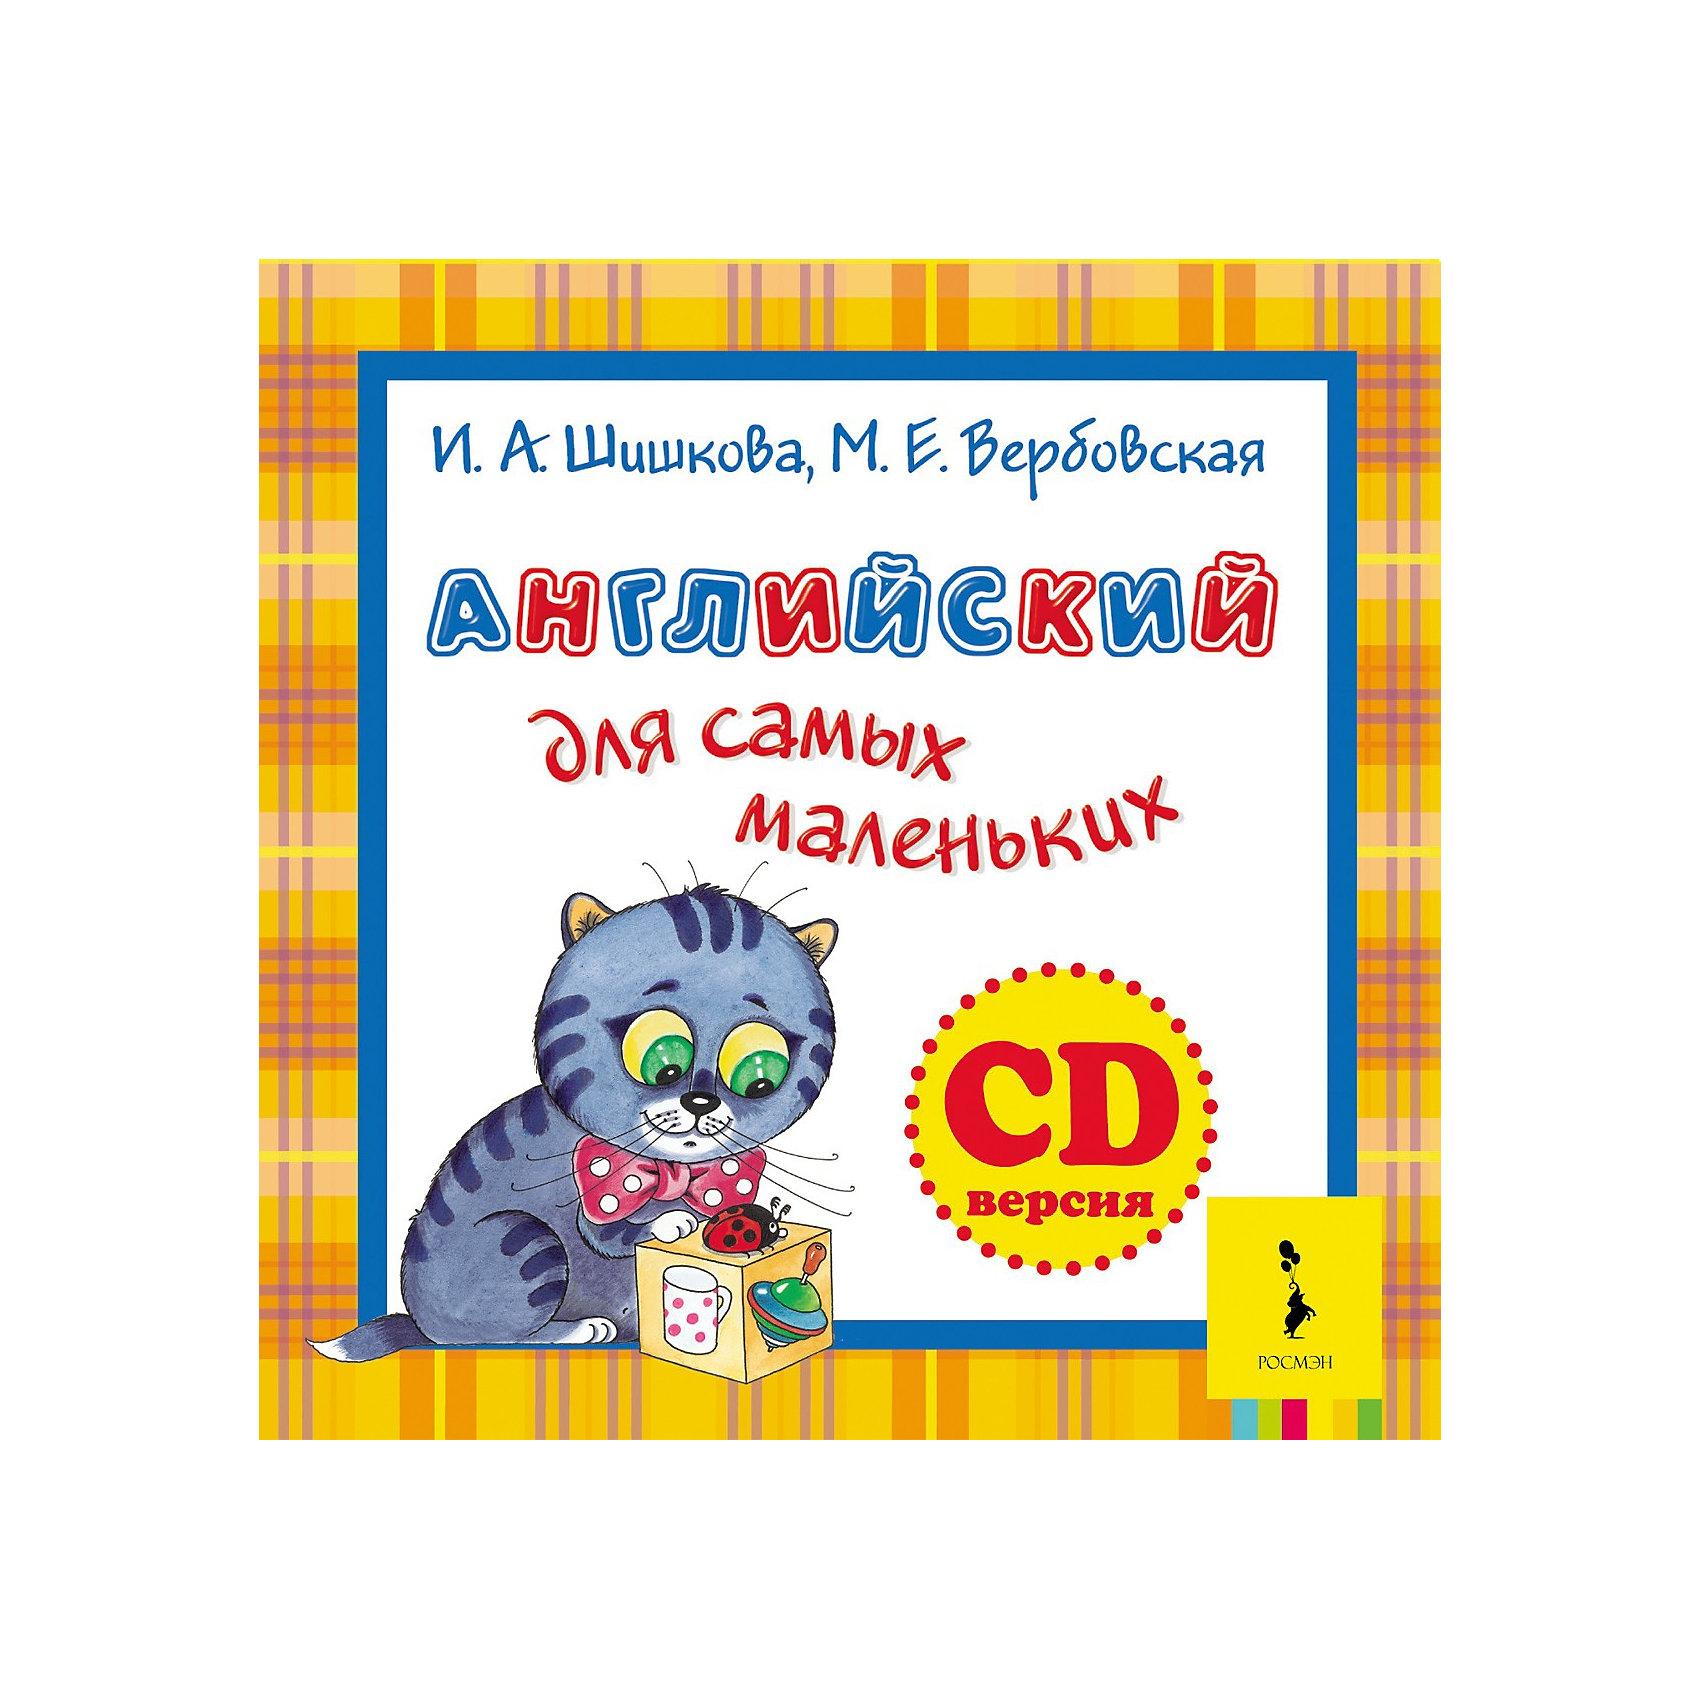 Росмэн CD Английский для самых маленьких, Н. Шишкова cd вимбо для самых маленьких г цыферов 100 сказок малюток